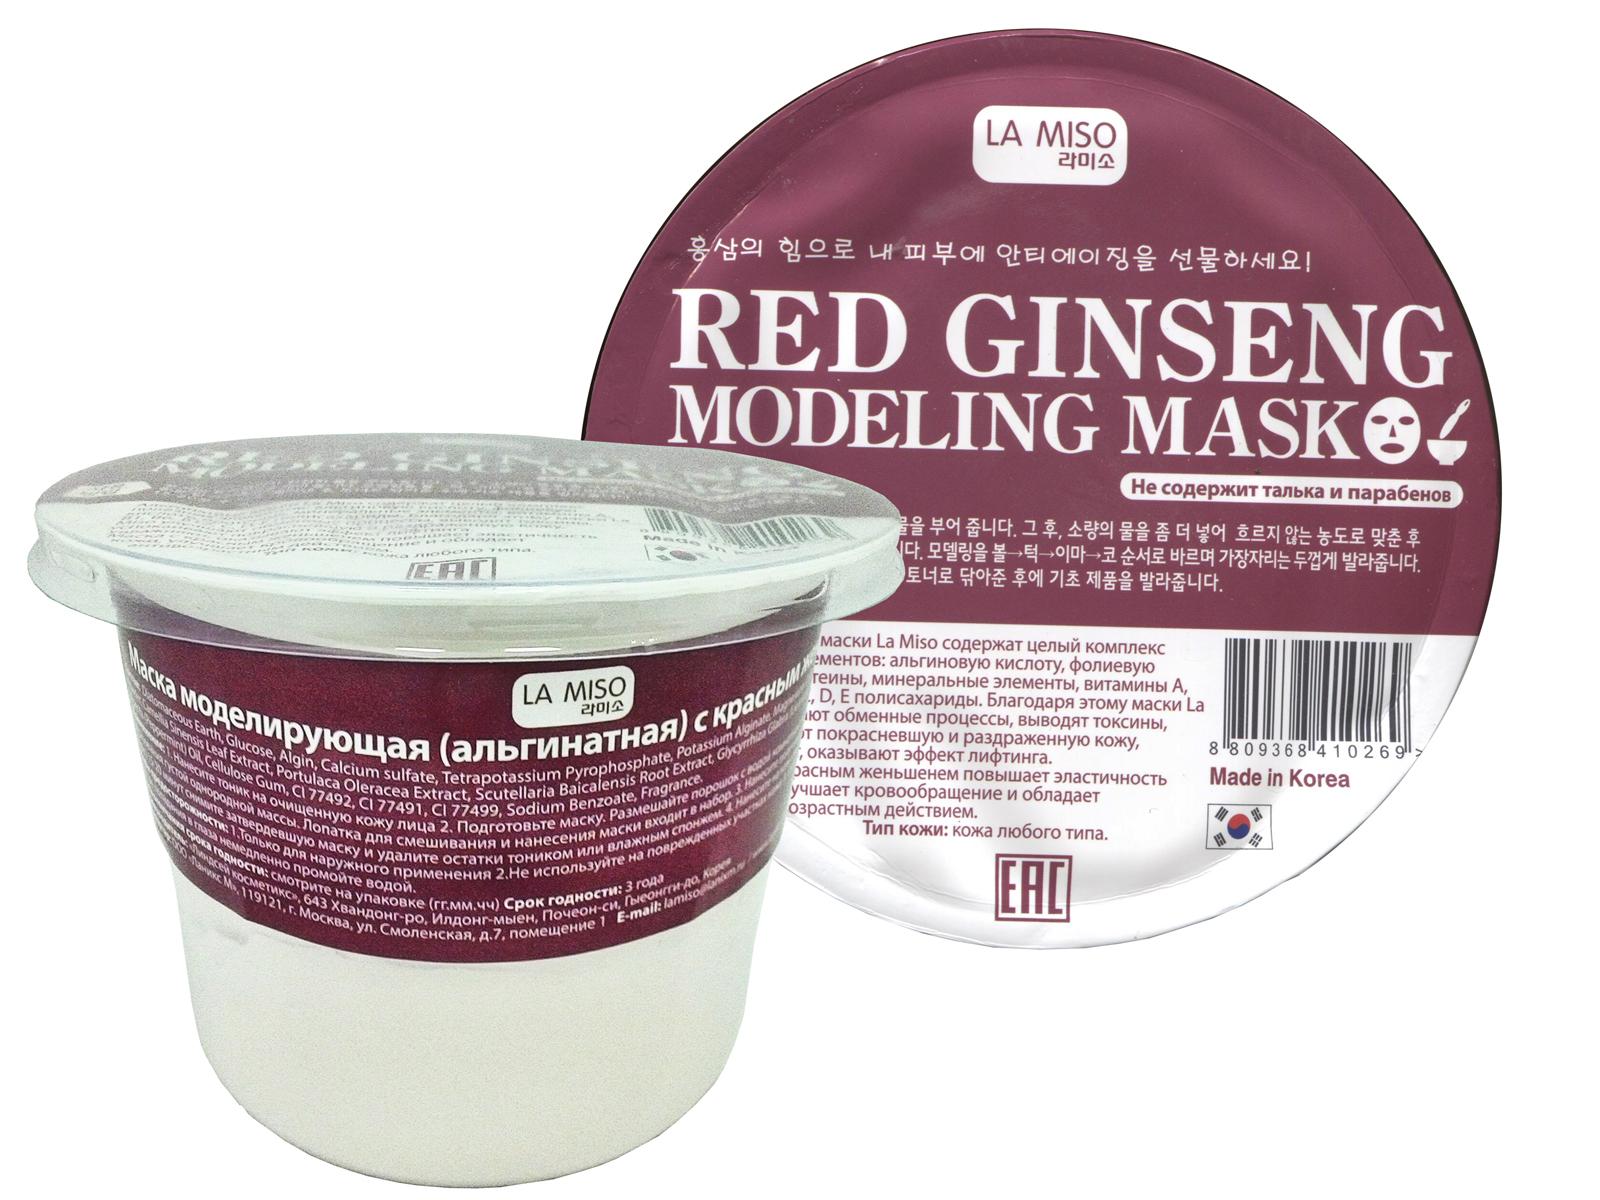 La Miso Маска моделирующая, альгинатная с красным женьшенем, 28 г8809368410269Альгинатные маски La Miso содержат целый комплекс полезных элементов: альгиновую кислоту, фолиевую кислоту, протеины, минеральные элементы, витамины A, B1, B6, B12, C, D, E полисахариды. Благодаря этому маски La Miso улучшают обменные процессы, выводят токсины, успокаивают покрасневшую и раздраженную кожу, увлажняют, оказывают эффект лифтинга.